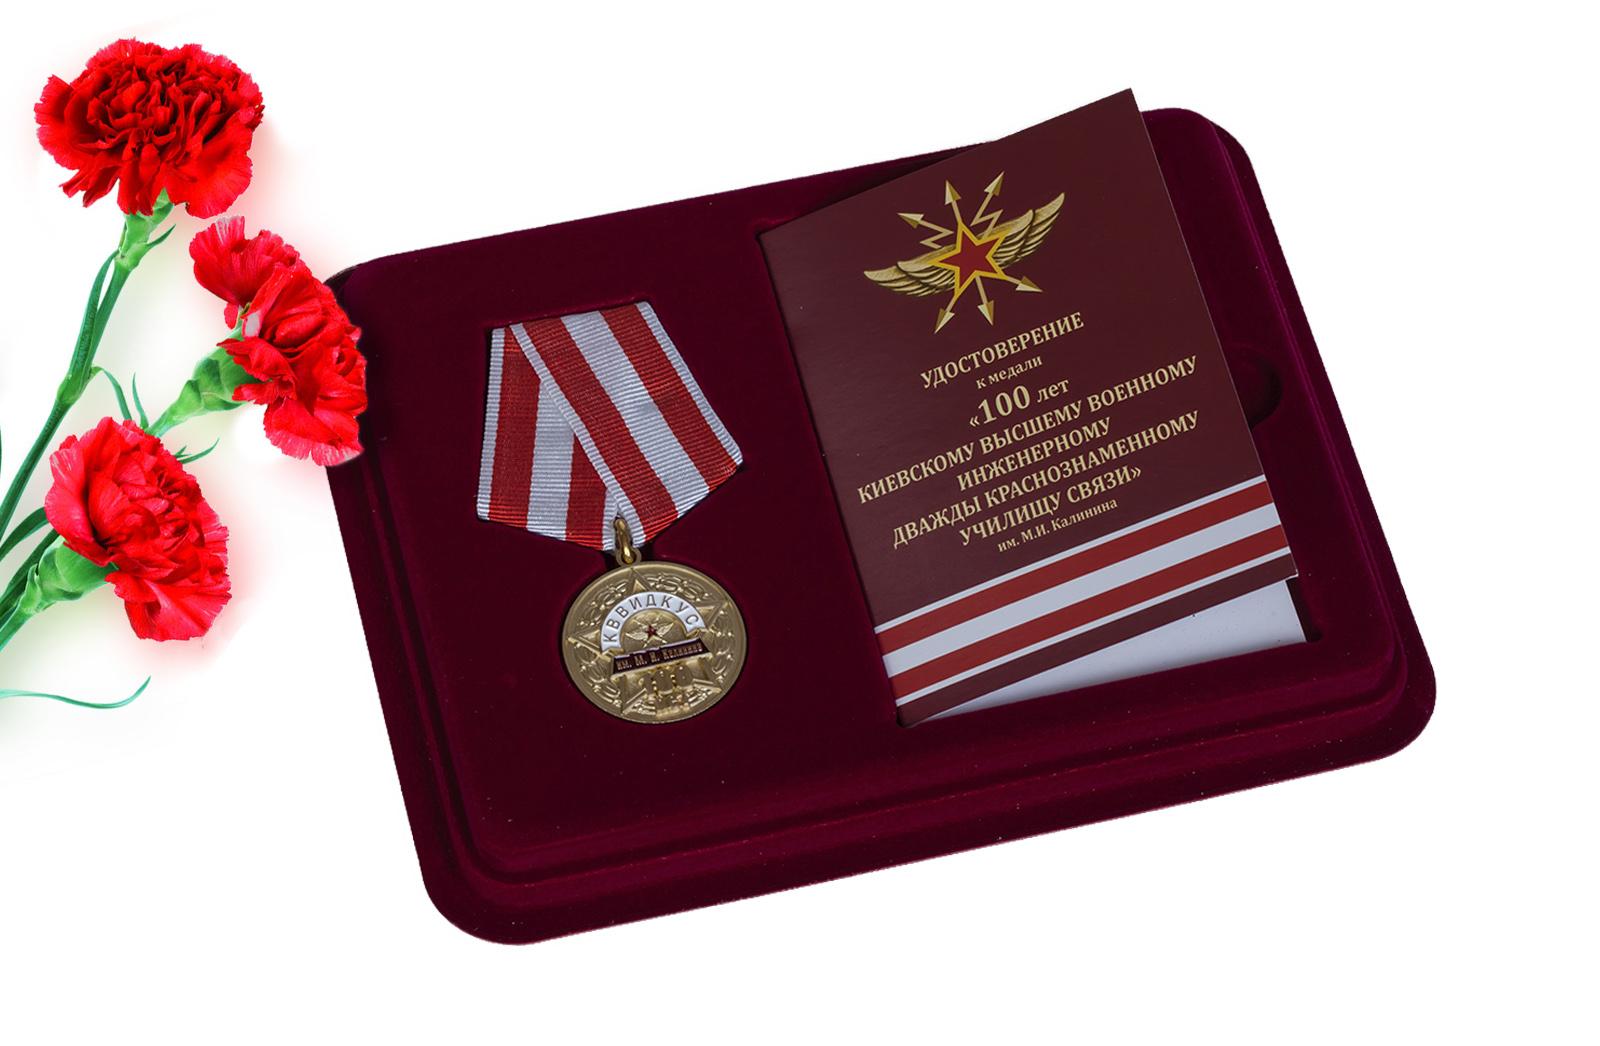 Купить памятную медаль 100 лет КВВИДКУС им. М.И. Калинина по лучшей цене